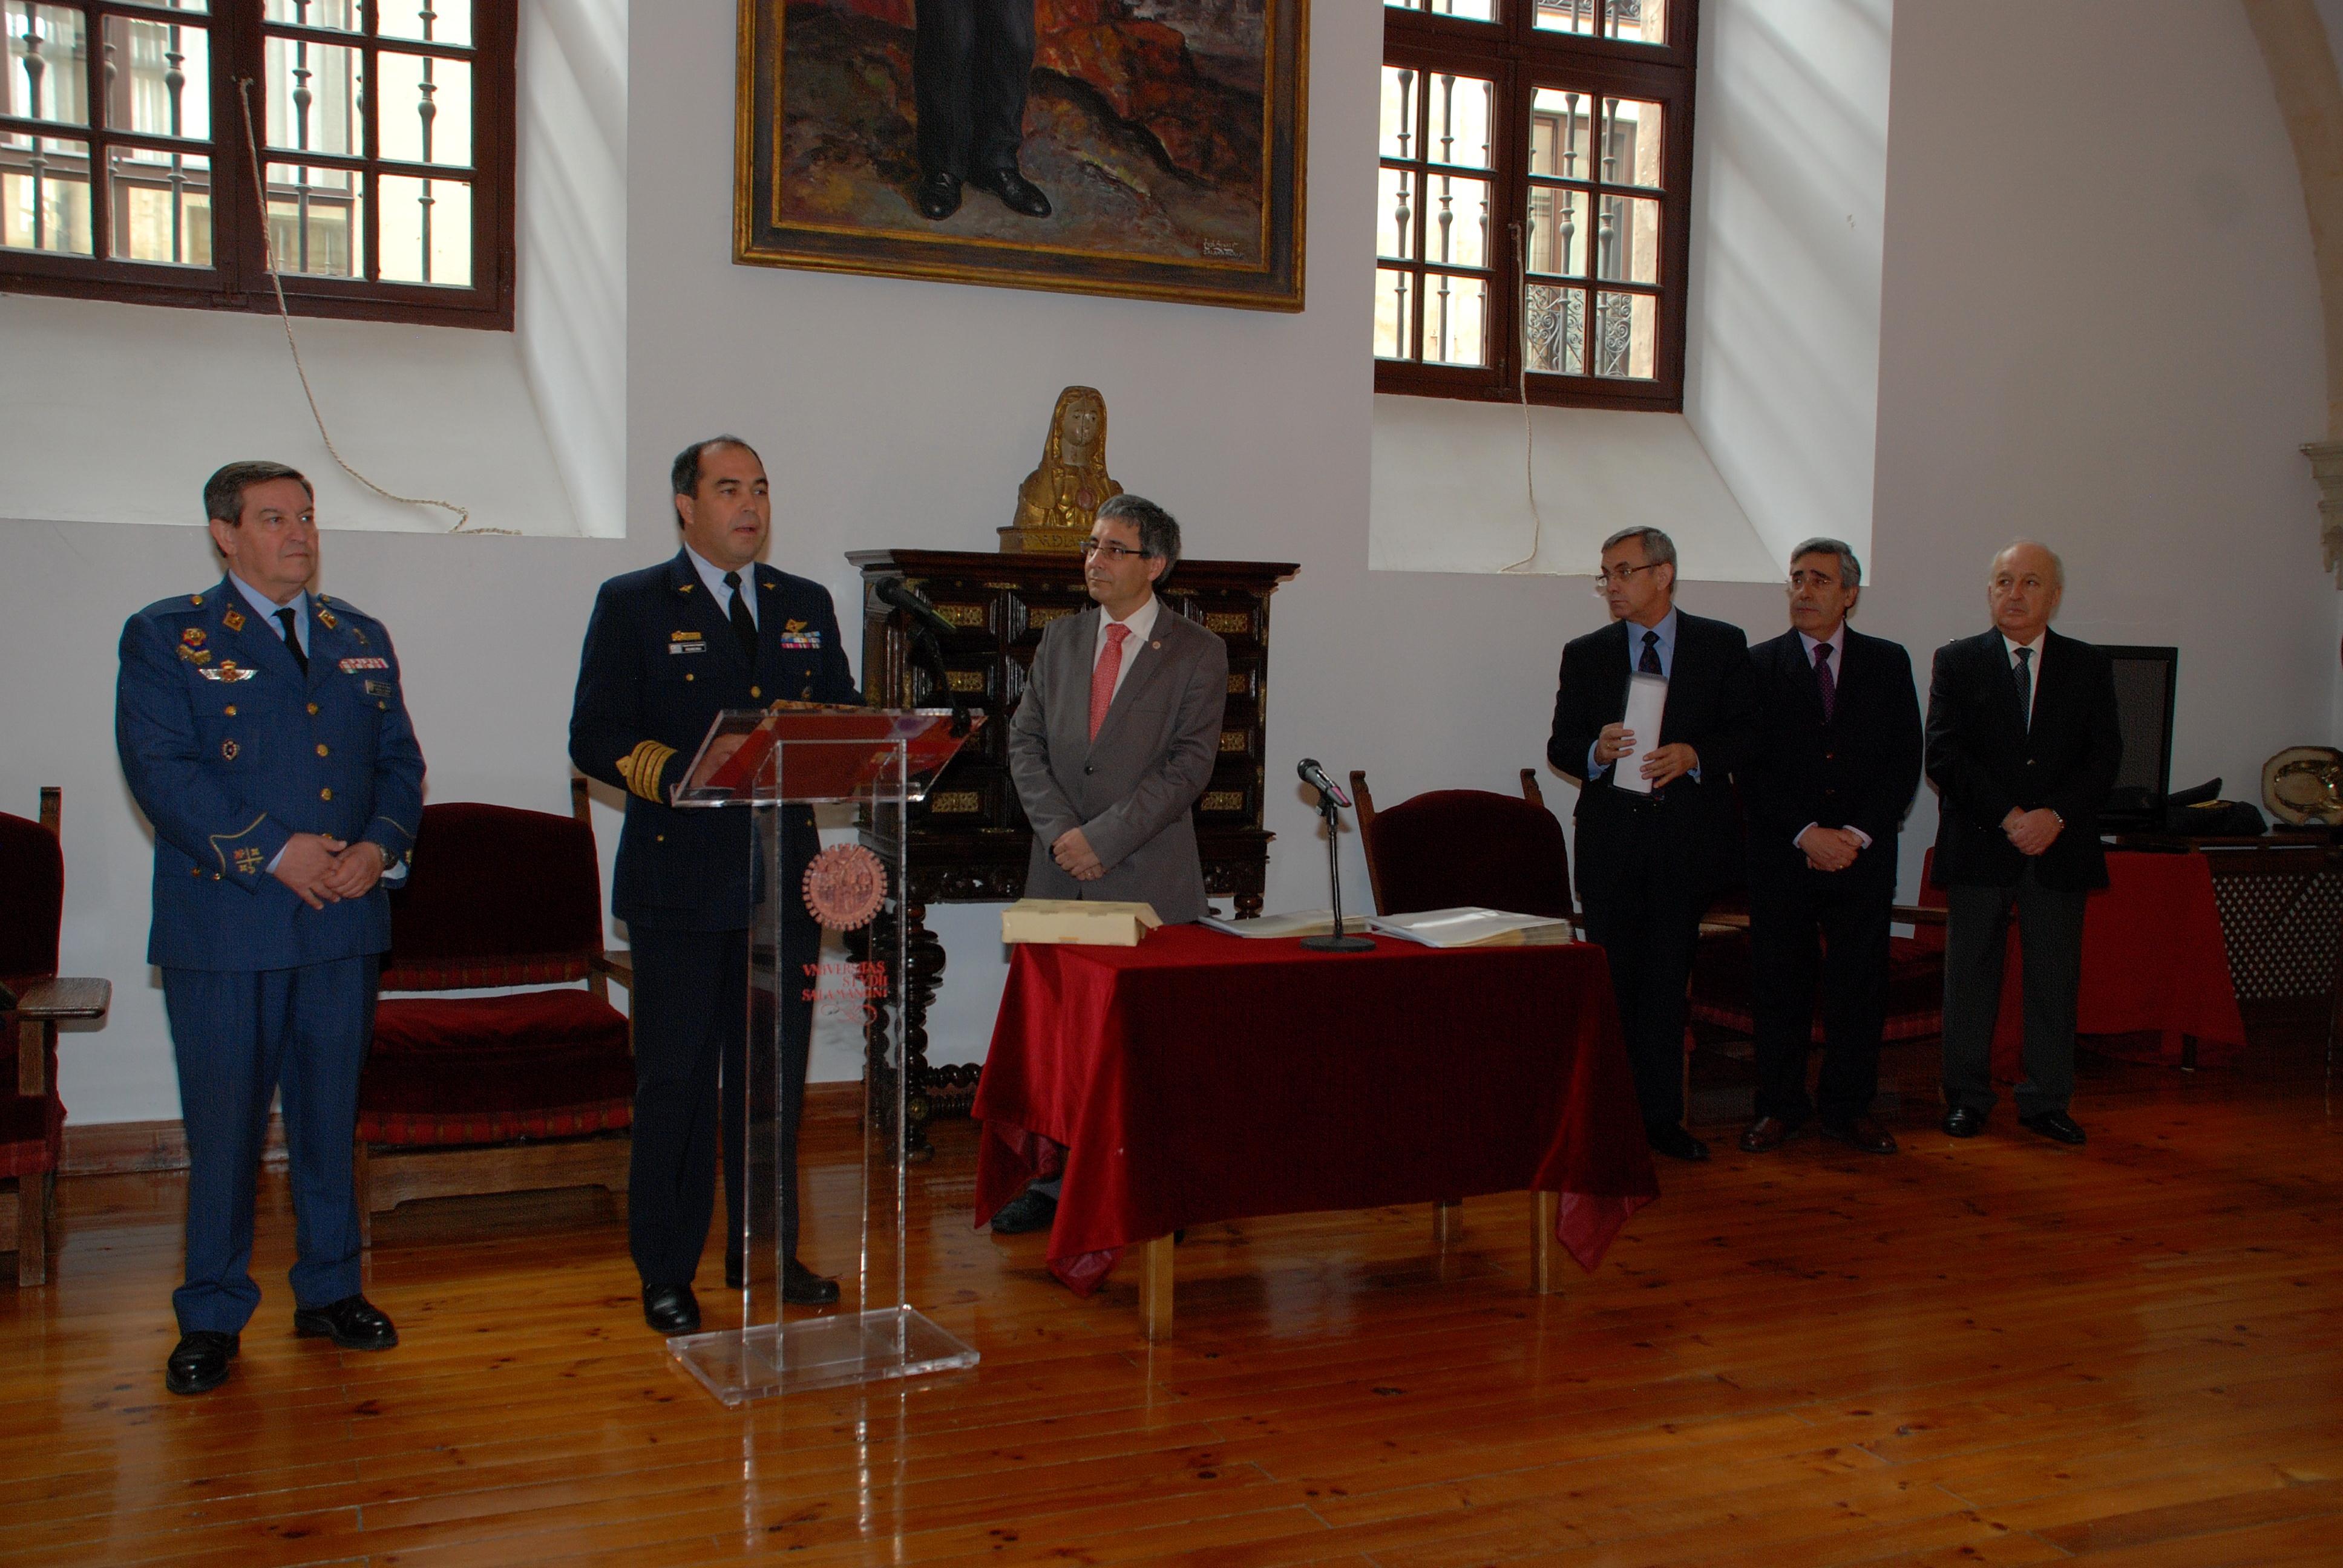 El vicerrector de Política Académica preside la entrega de diplomas del XII Curso de Altos Estudios para Oficiales Superiores Iberoamericanos